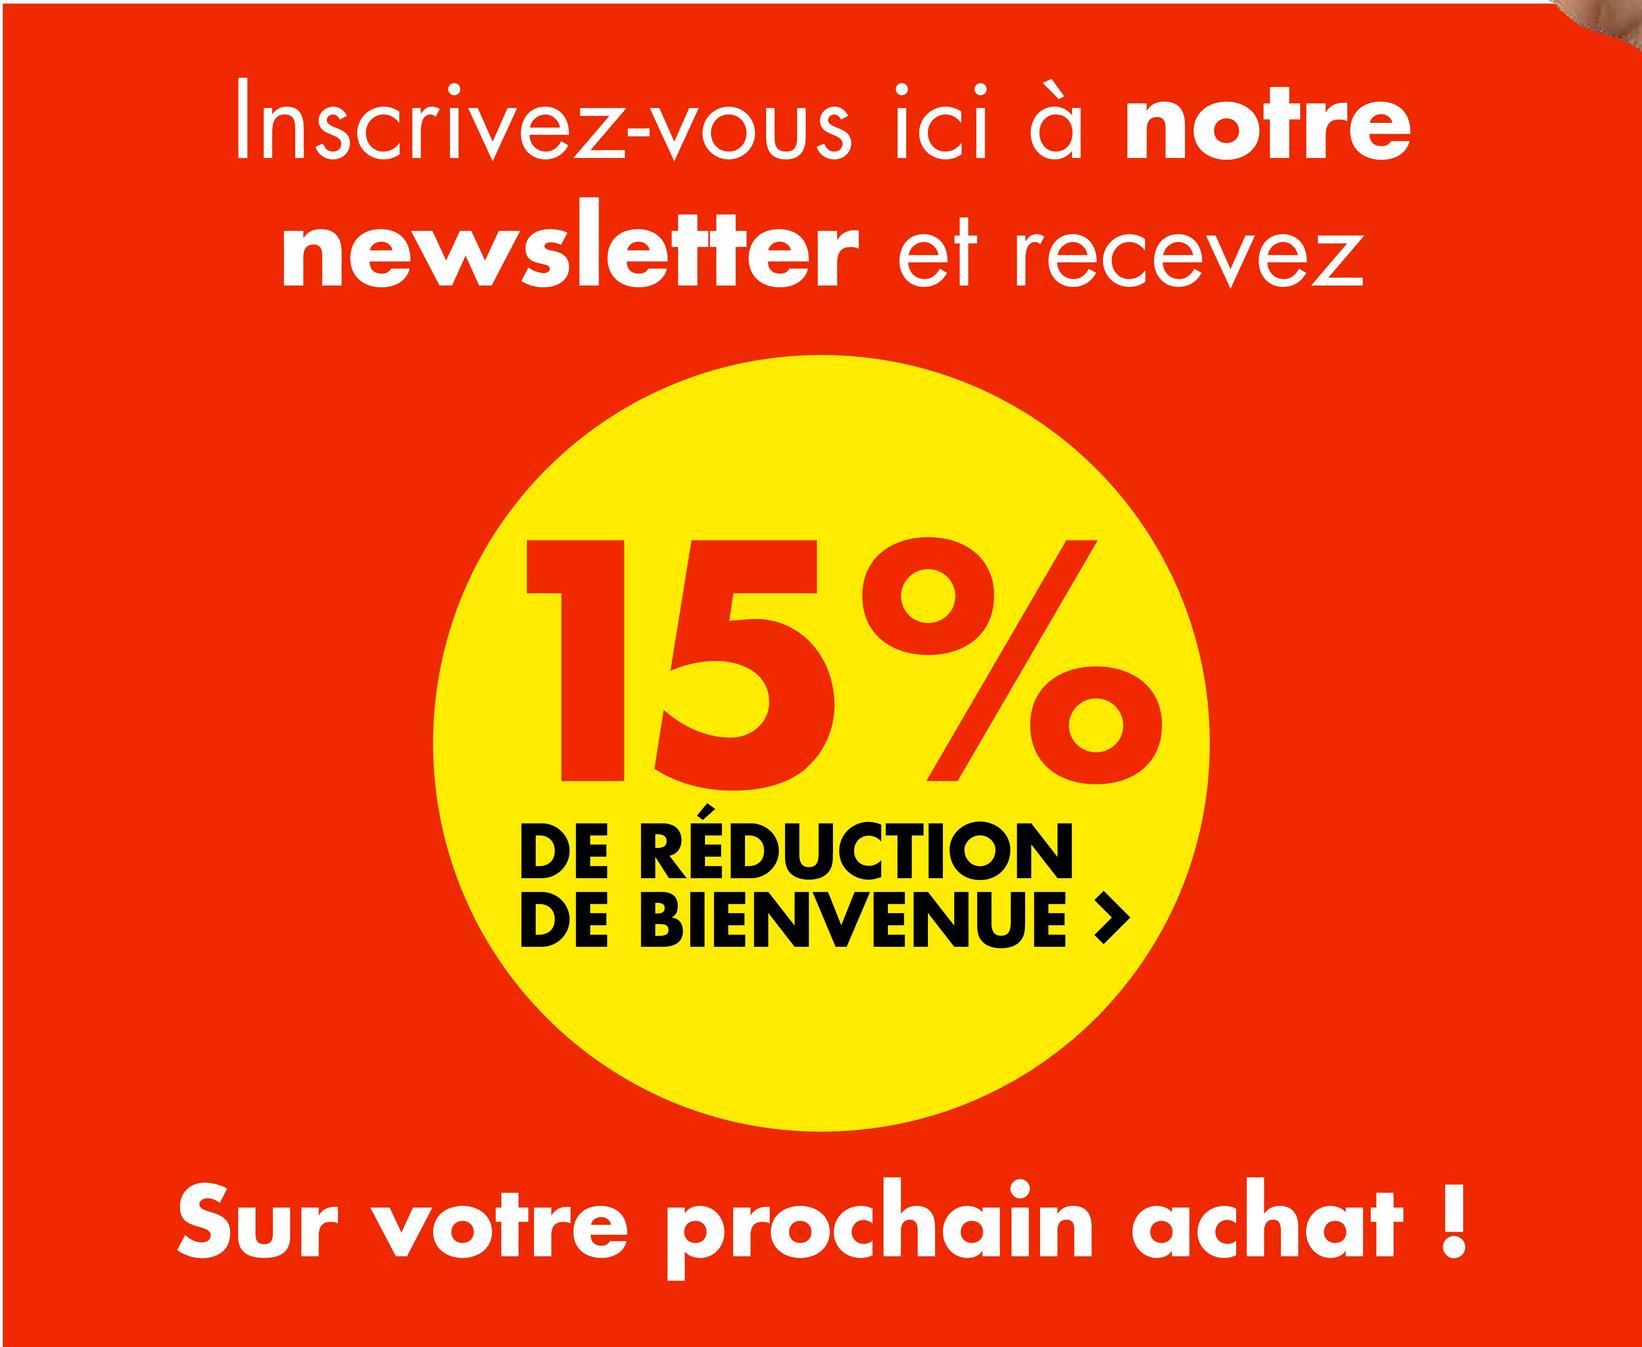 Inscrivez-vous ici à notre newsletter et recevez 15% DE RÉDUCTION DE BIENVENUE > Sur votre prochain achat !